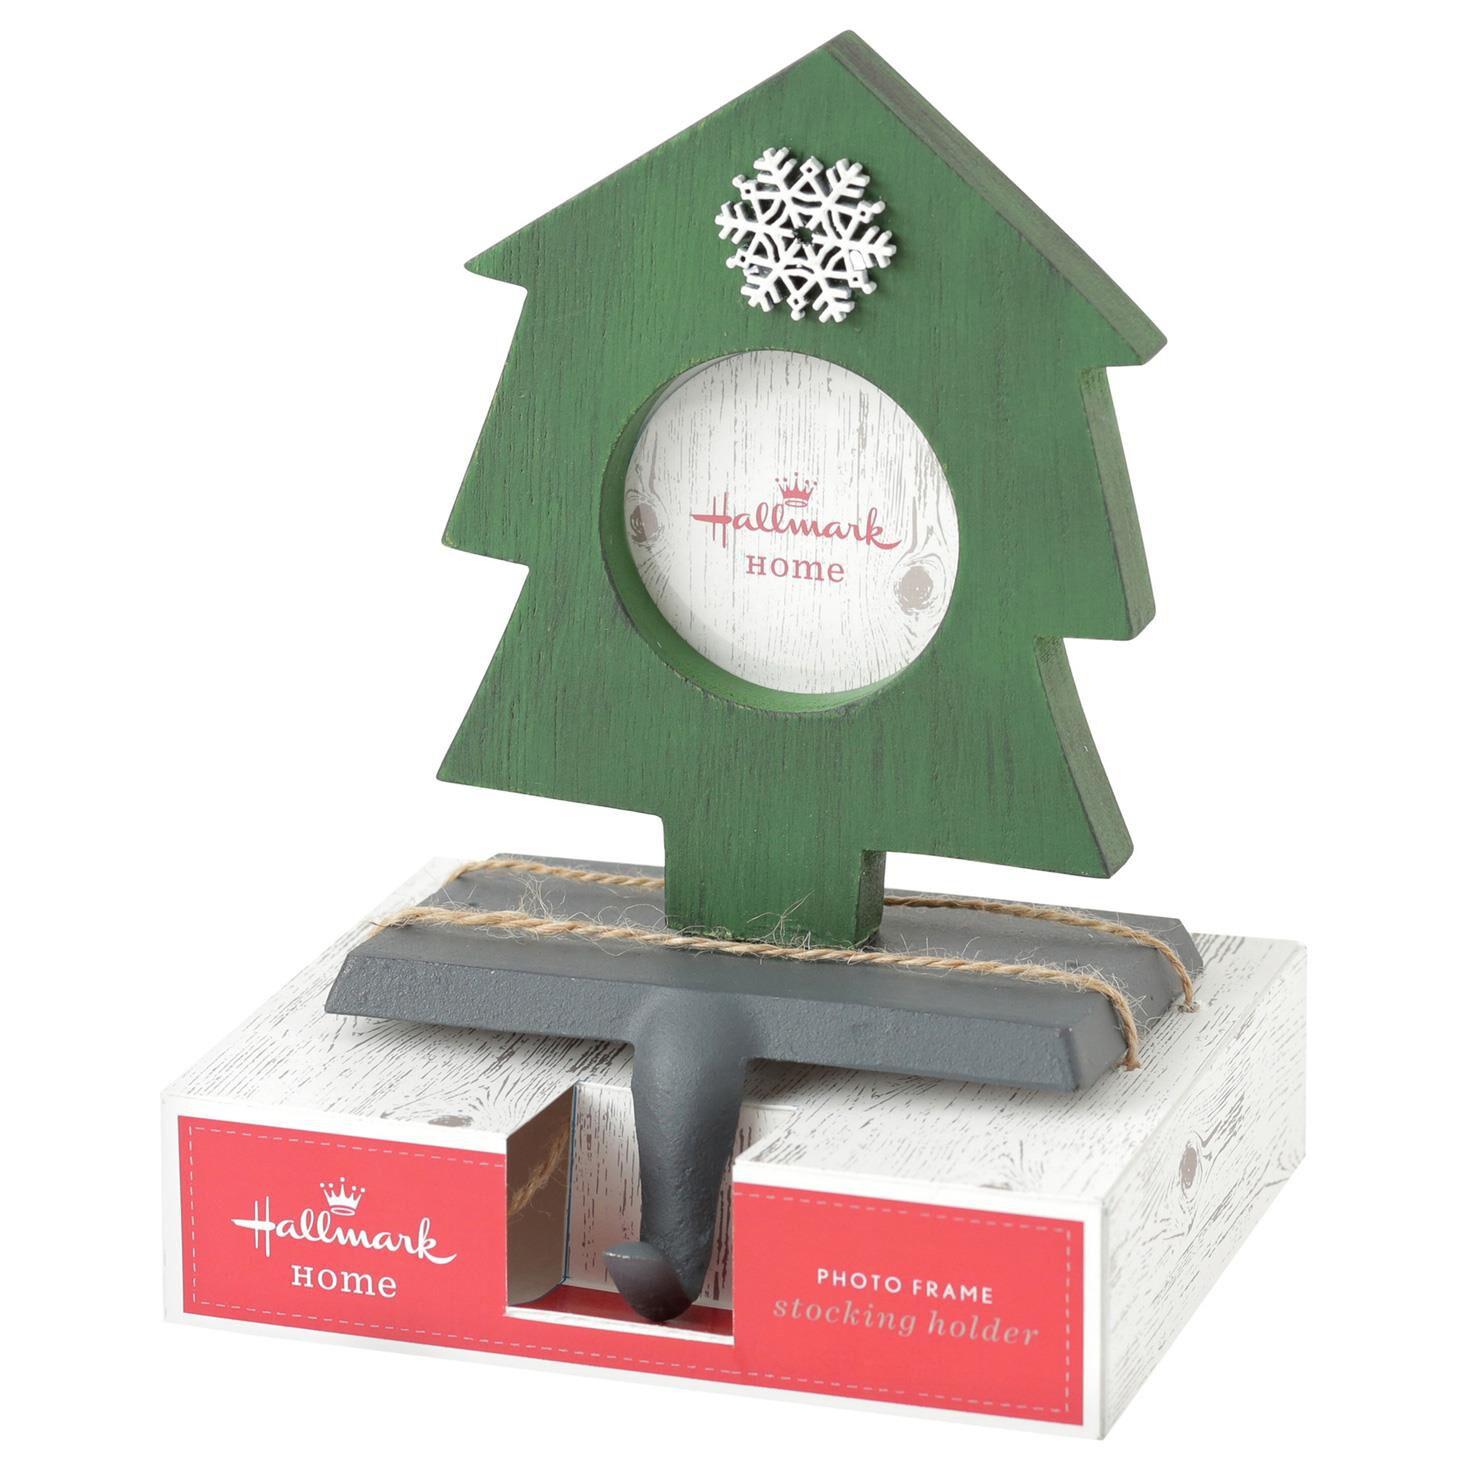 Christmas Tree Stocking Holder.Christmas Tree Photo Frame Stocking Holder